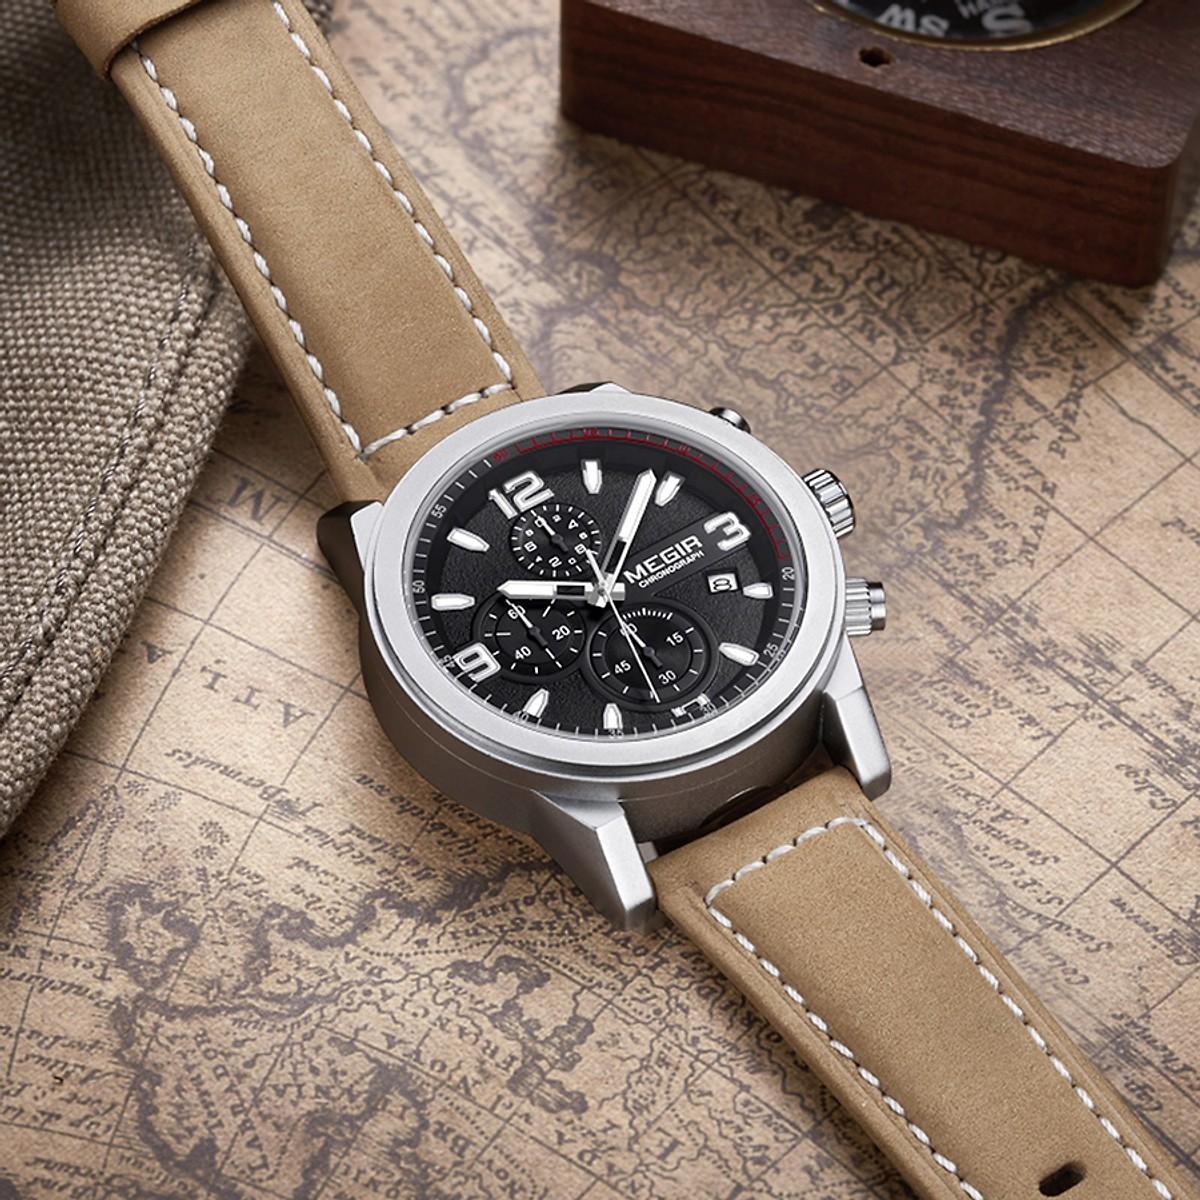 Đồng Hồ Chronograph MEGIR Dây Da Chống Thấm Nước 3ATM (Chronograph là dòng đồng hồ có 3 mặt đồng hồ nhỏ bên trong)